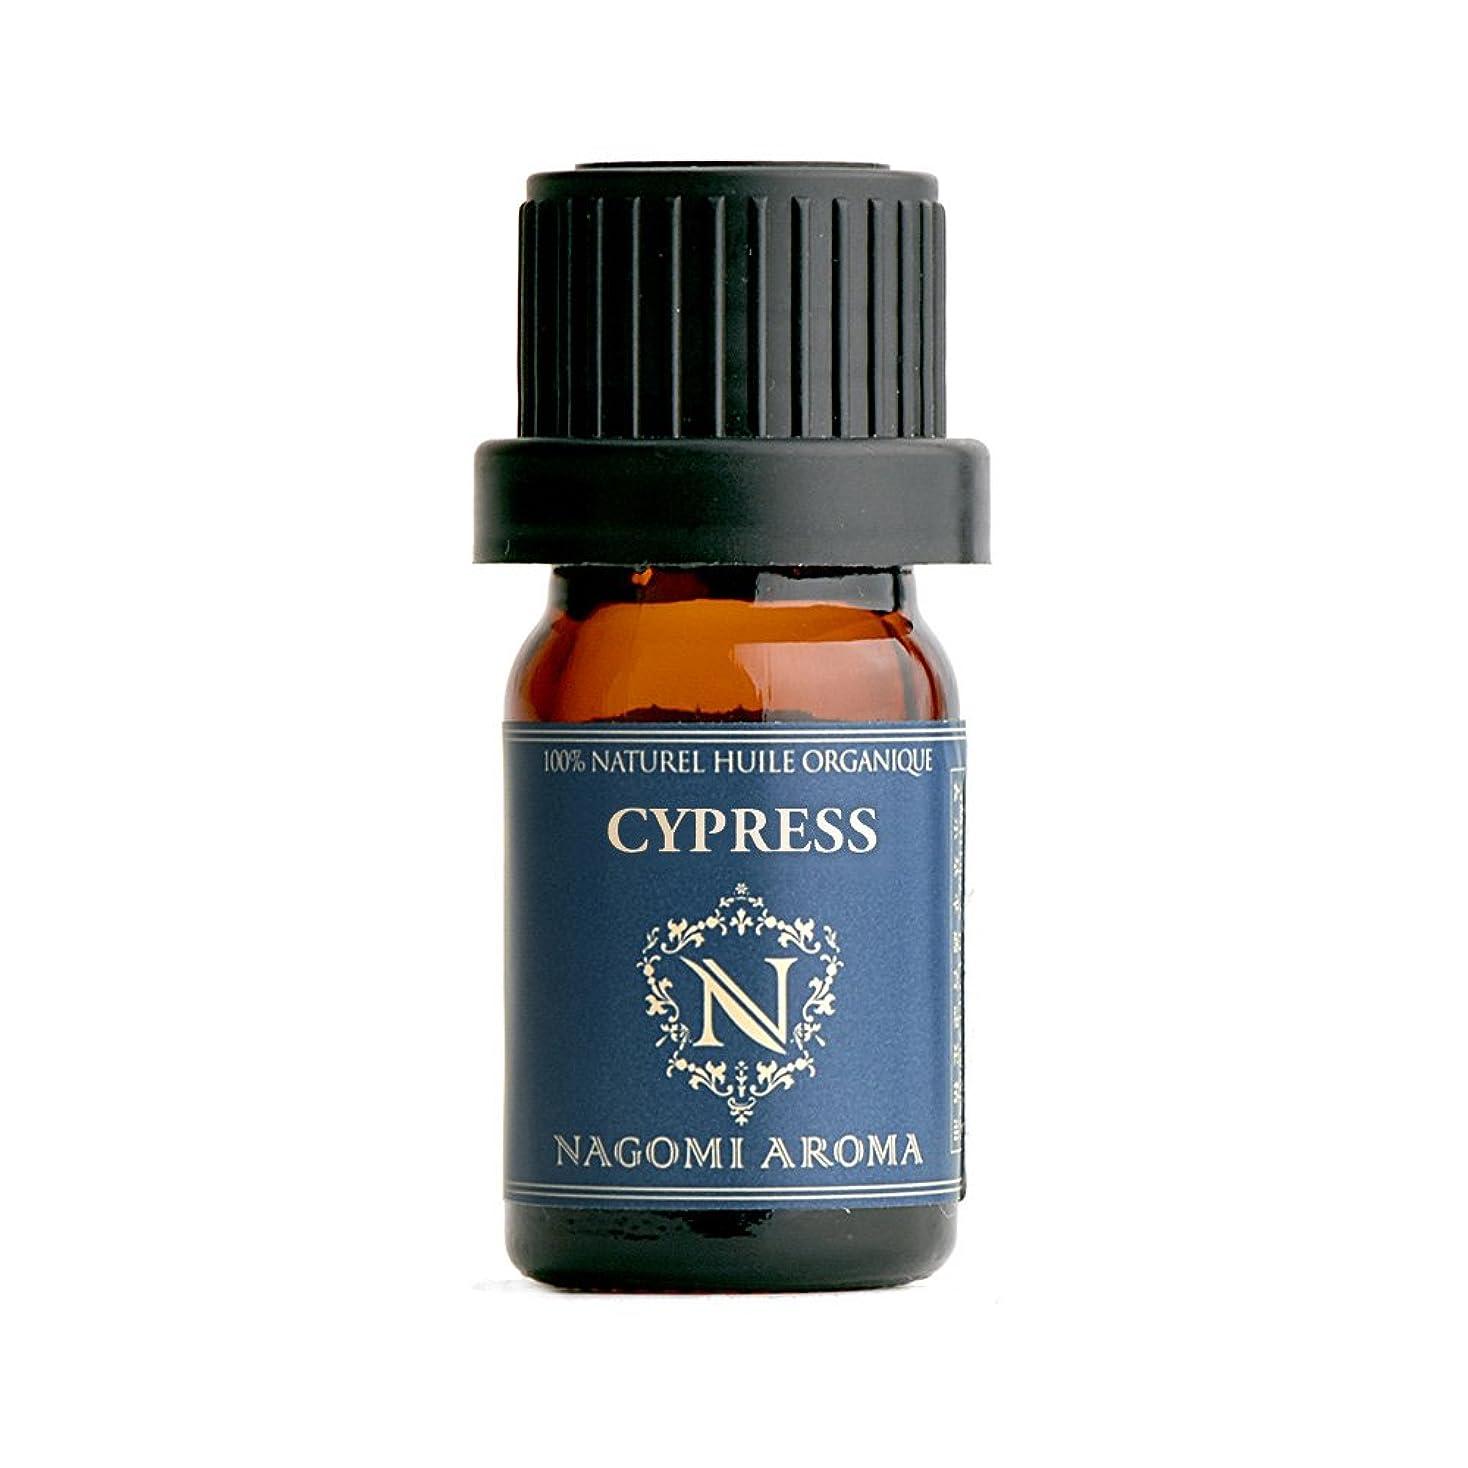 塗抹頭痛保護するNAGOMI AROMA オーガニック サイプレス 5ml 【AEAJ認定精油】【アロマオイル】